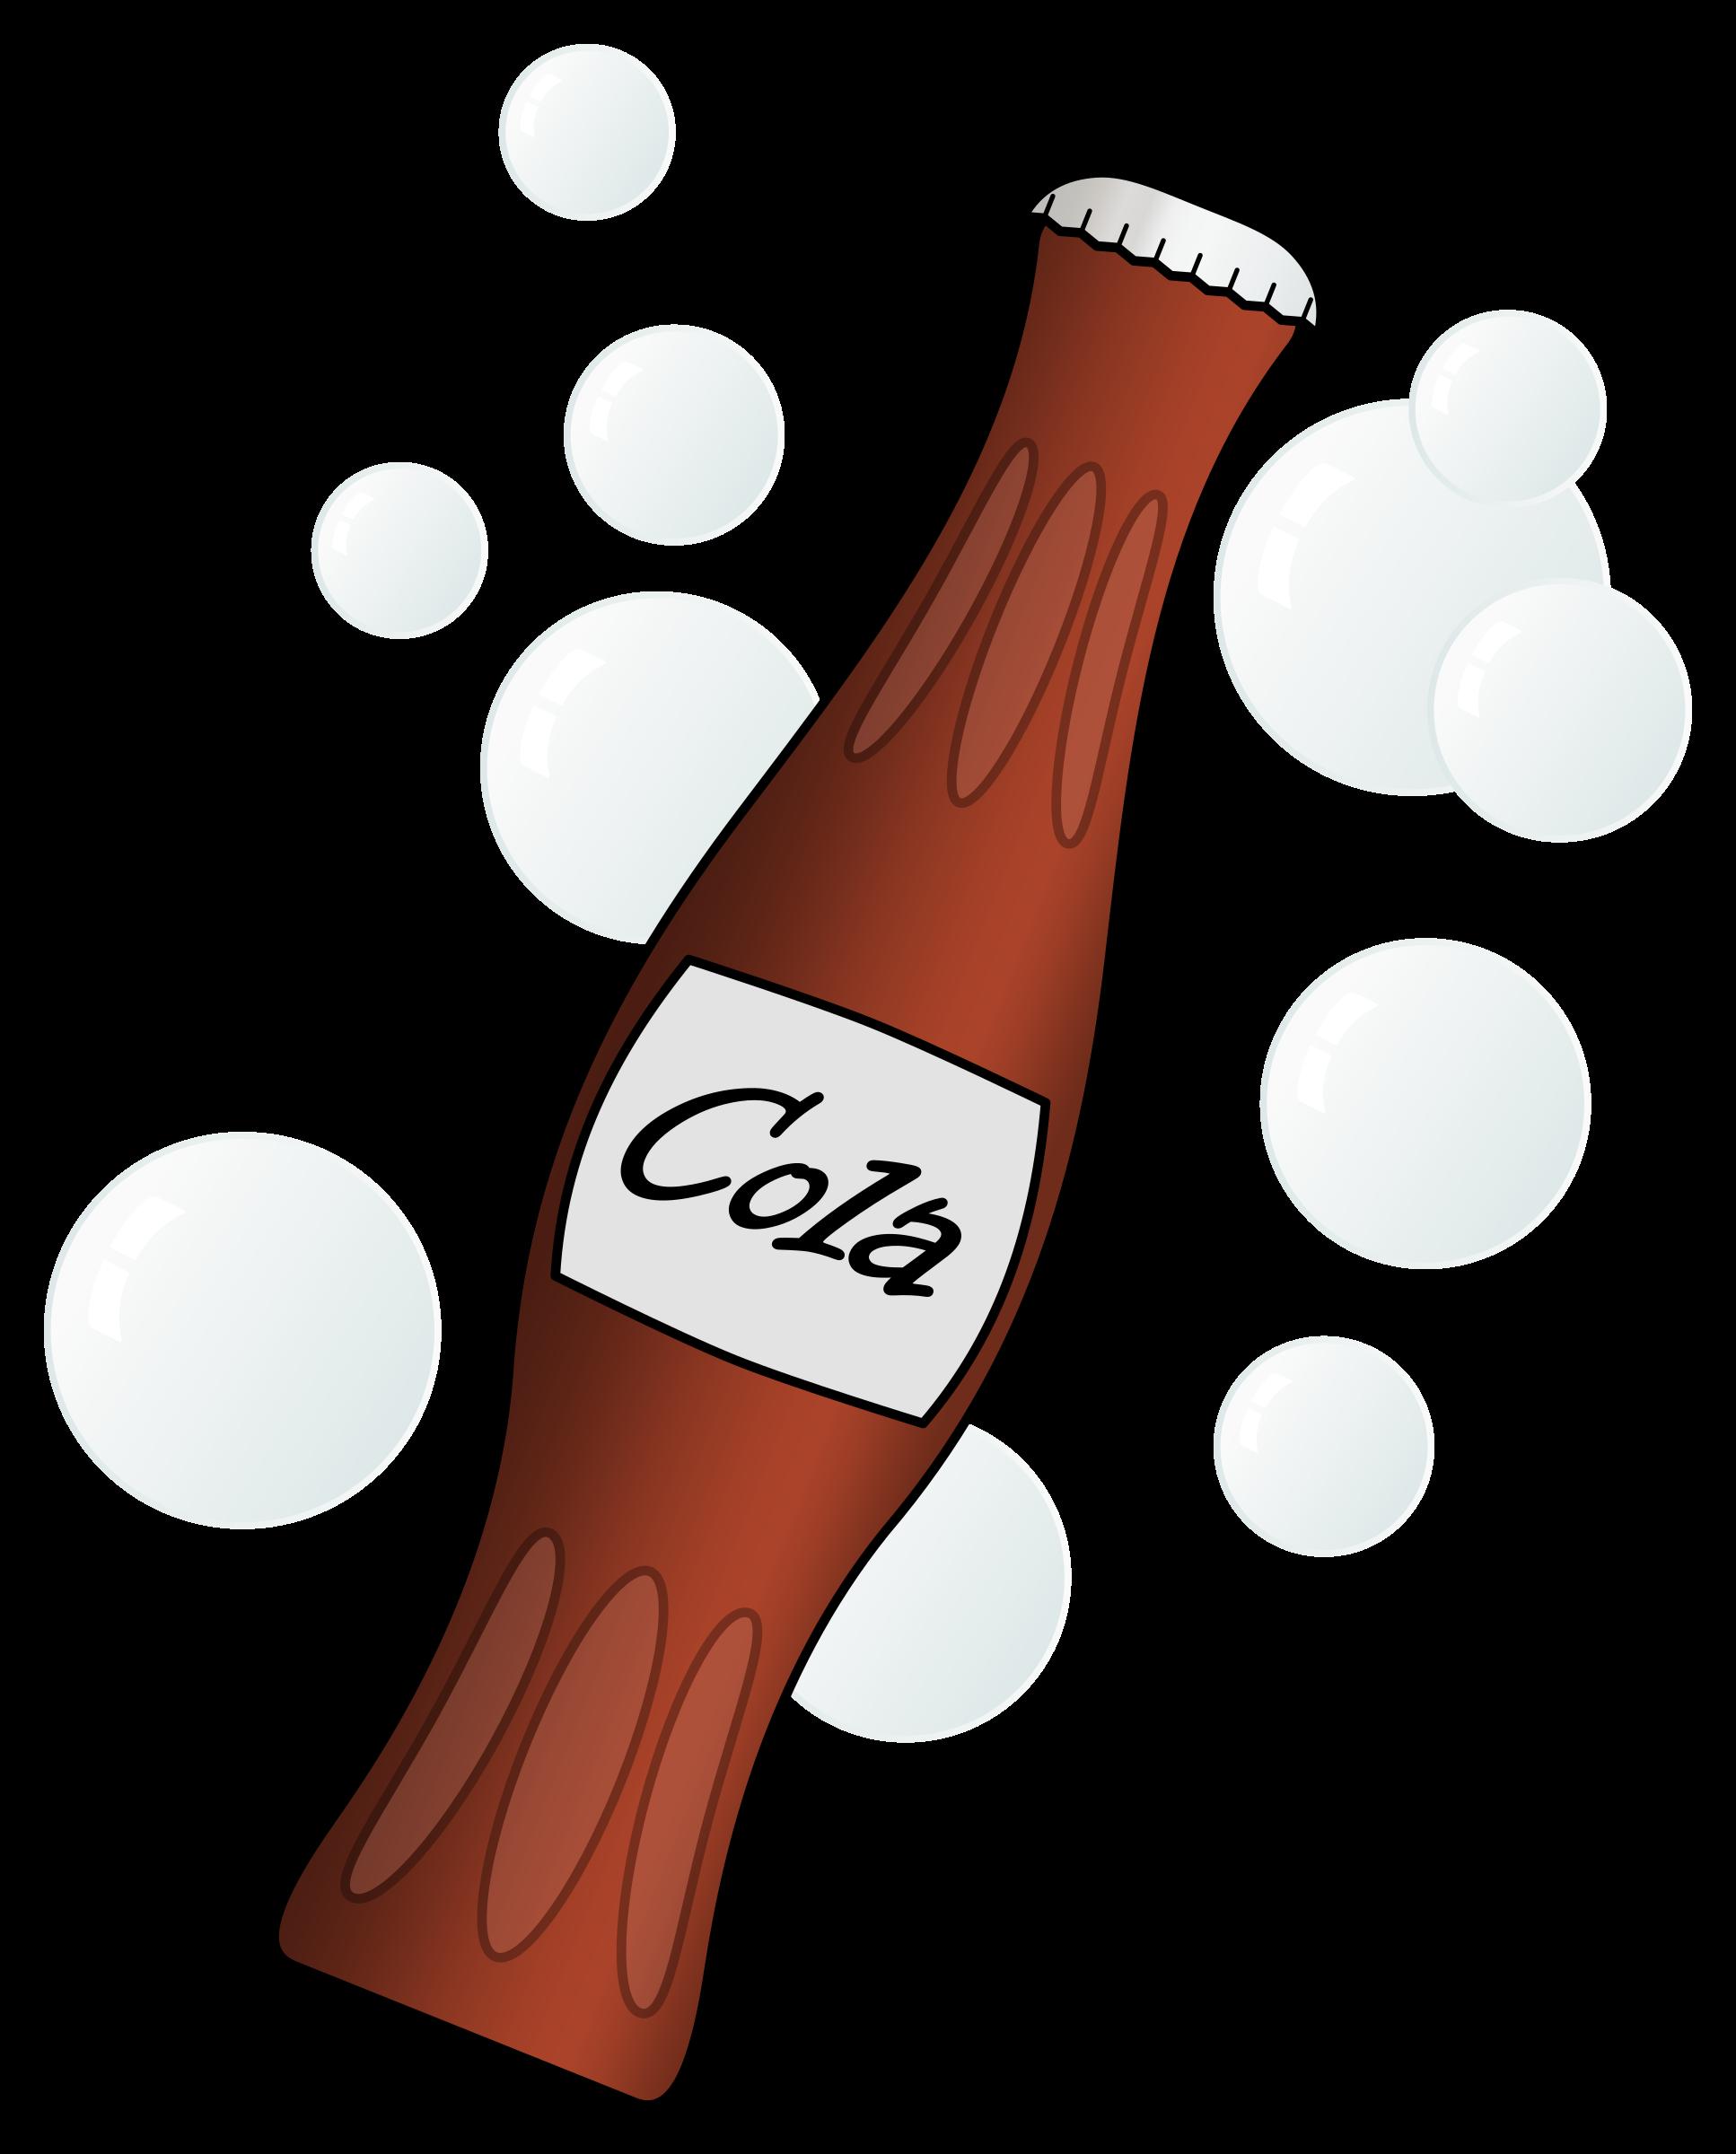 Cinema clipart soda. Bottle big image png